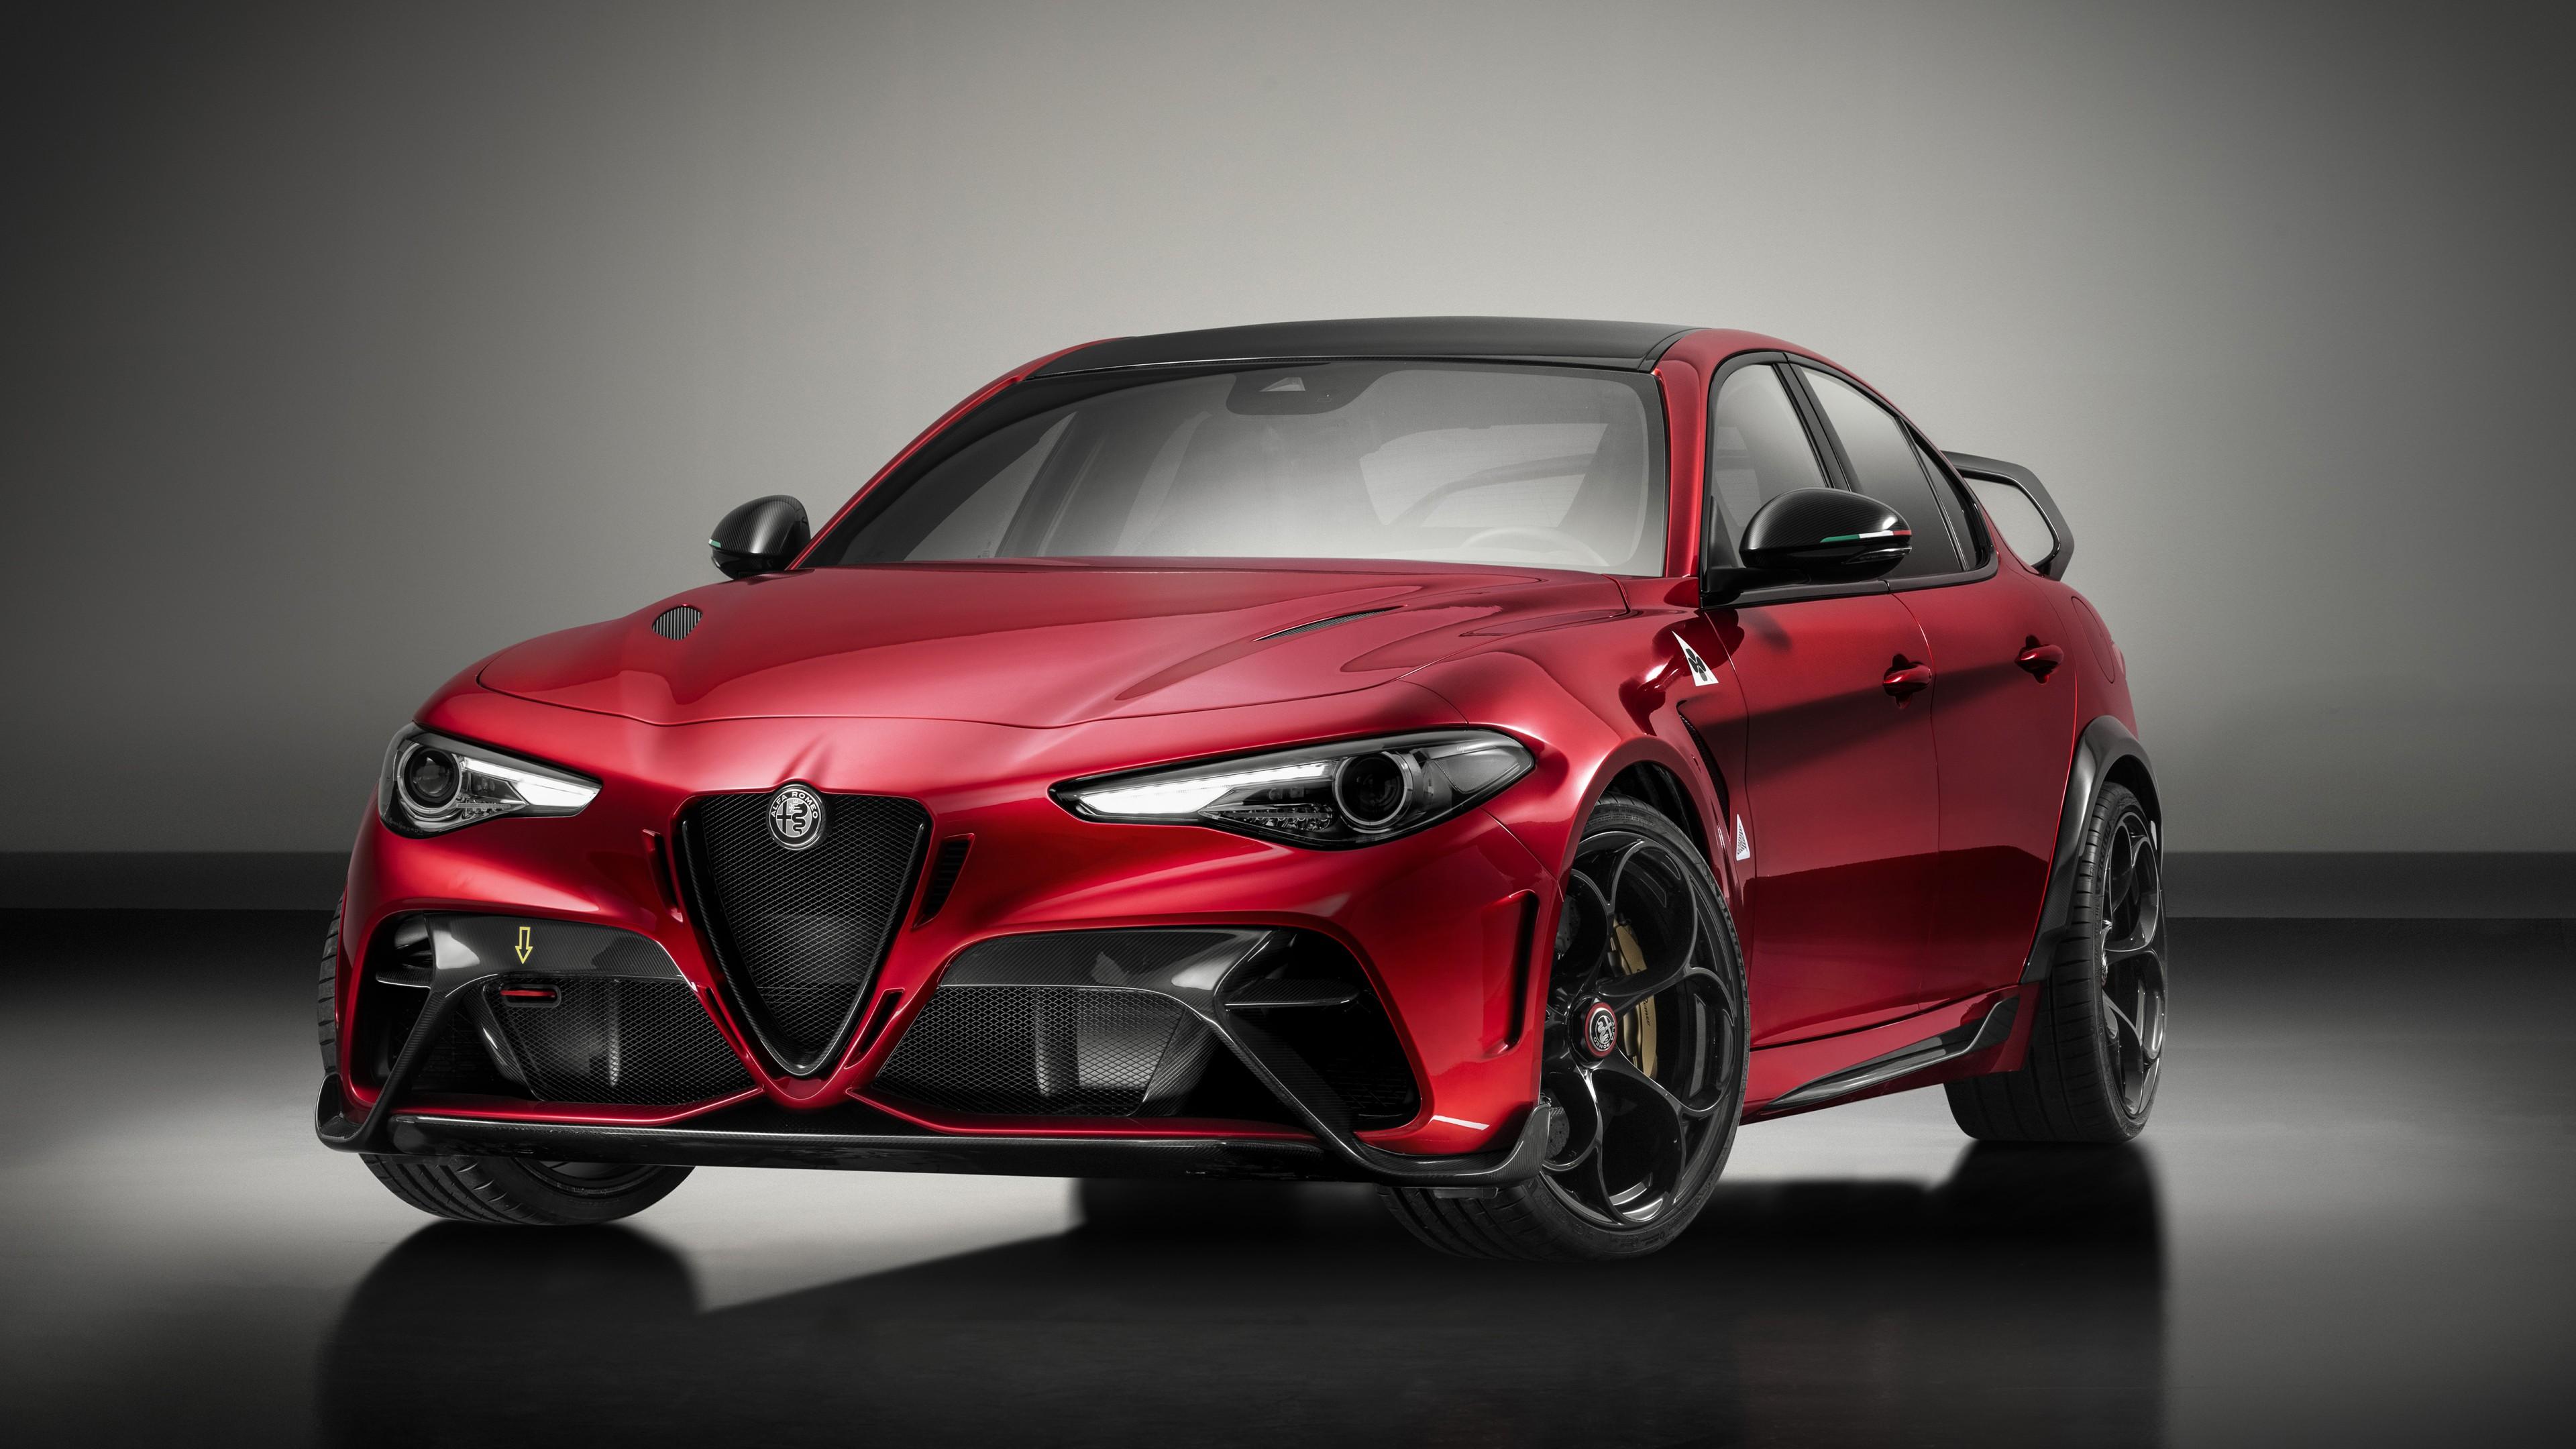 Alfa Romeo Giulia Gtam 2020 5k 2 Wallpaper Hd Car Wallpapers